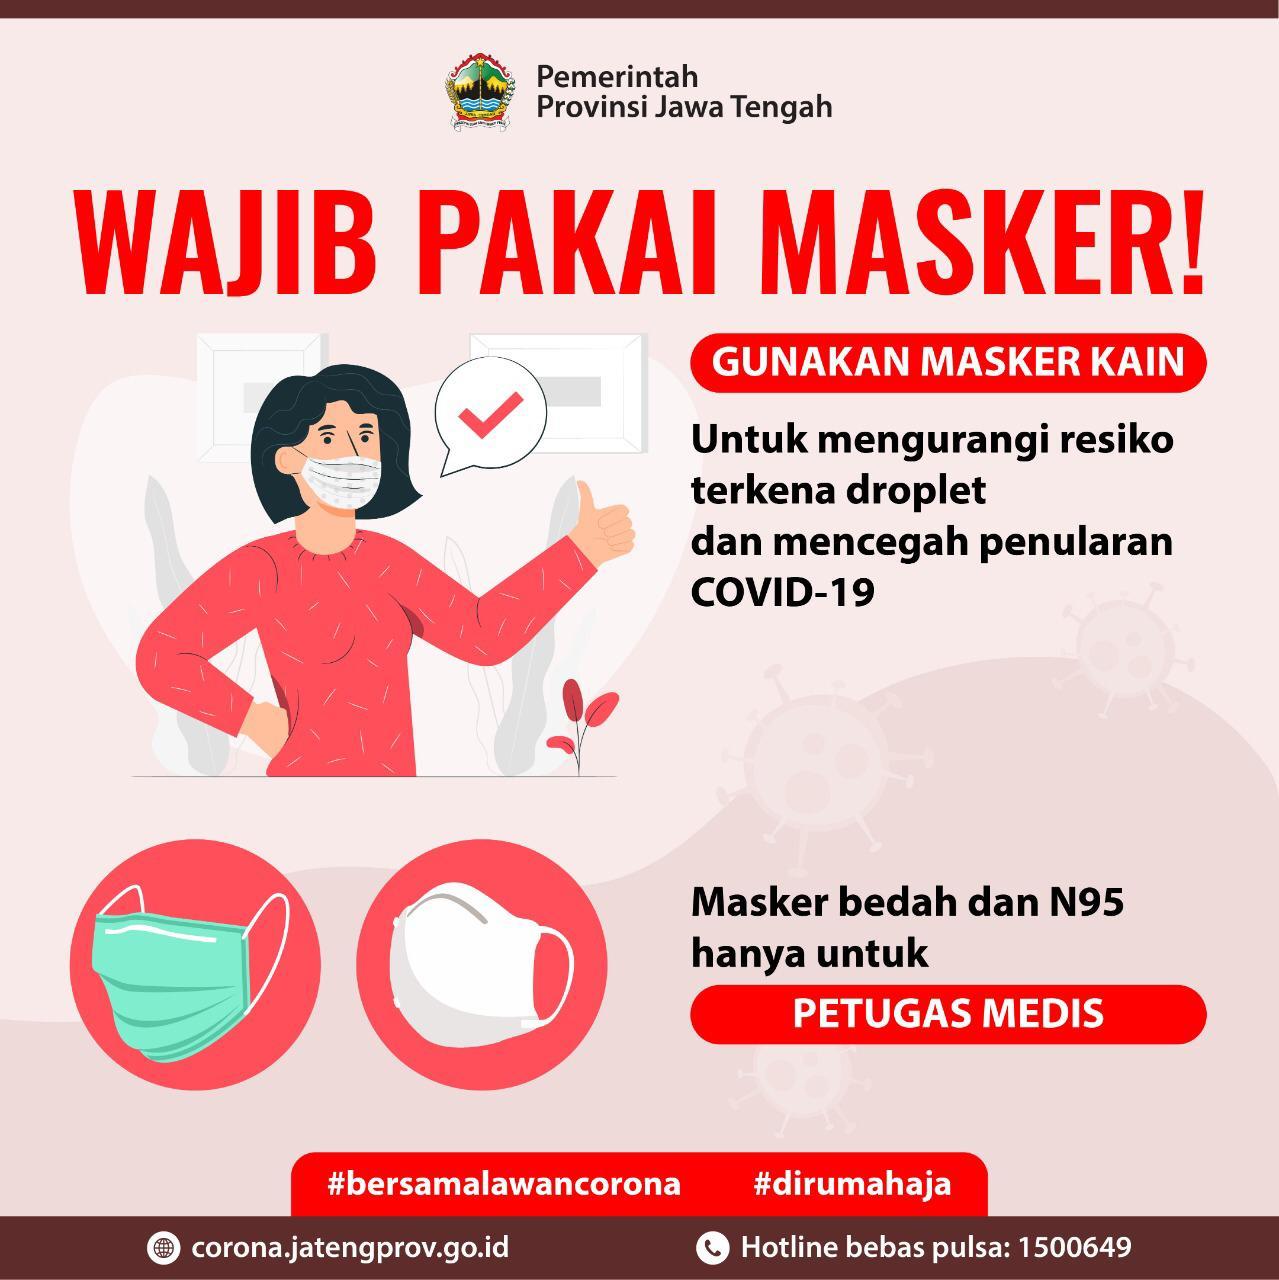 Wajib Pakai Masker